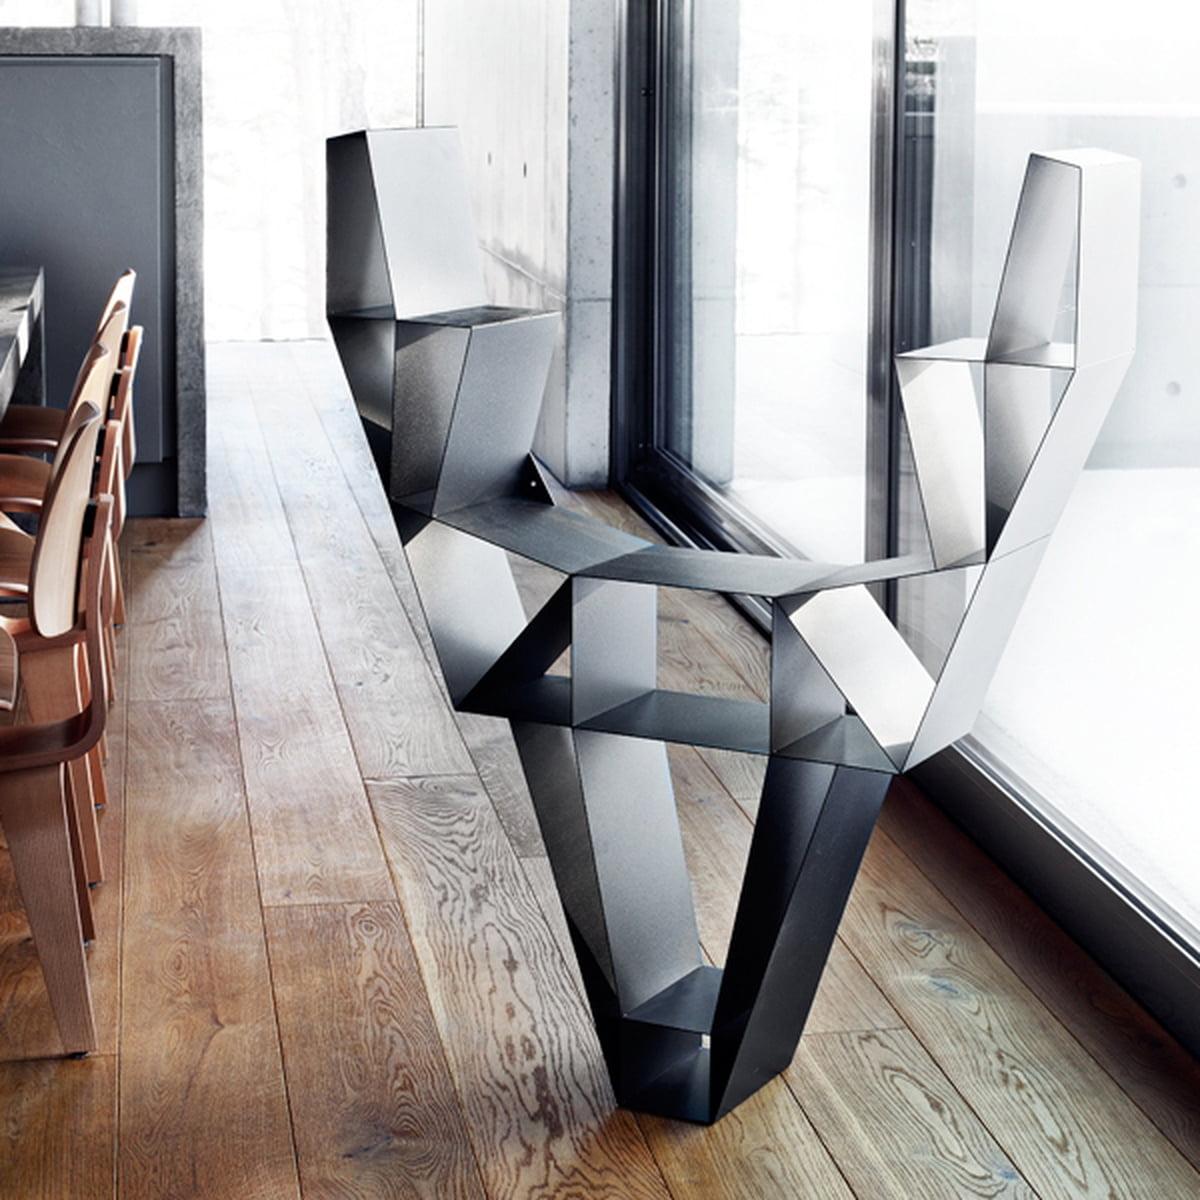 Bedesign Deer Metal Shelf